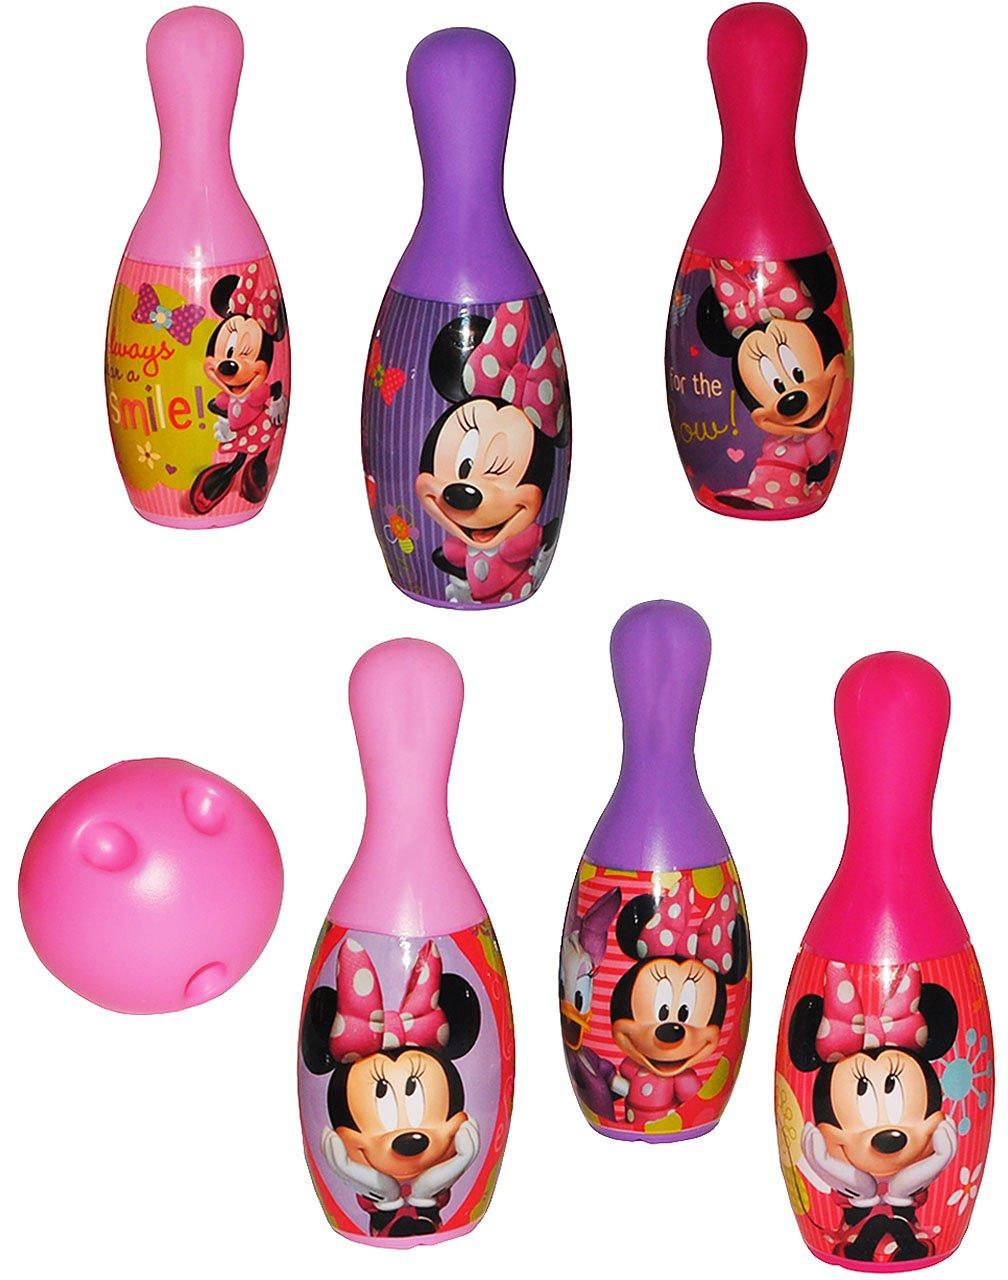 Unbekannt 7 tlg. Set Kegelspiel / Bowling - Disney Minnie Mouse - Incl. Namen - aus .. Kinder-land